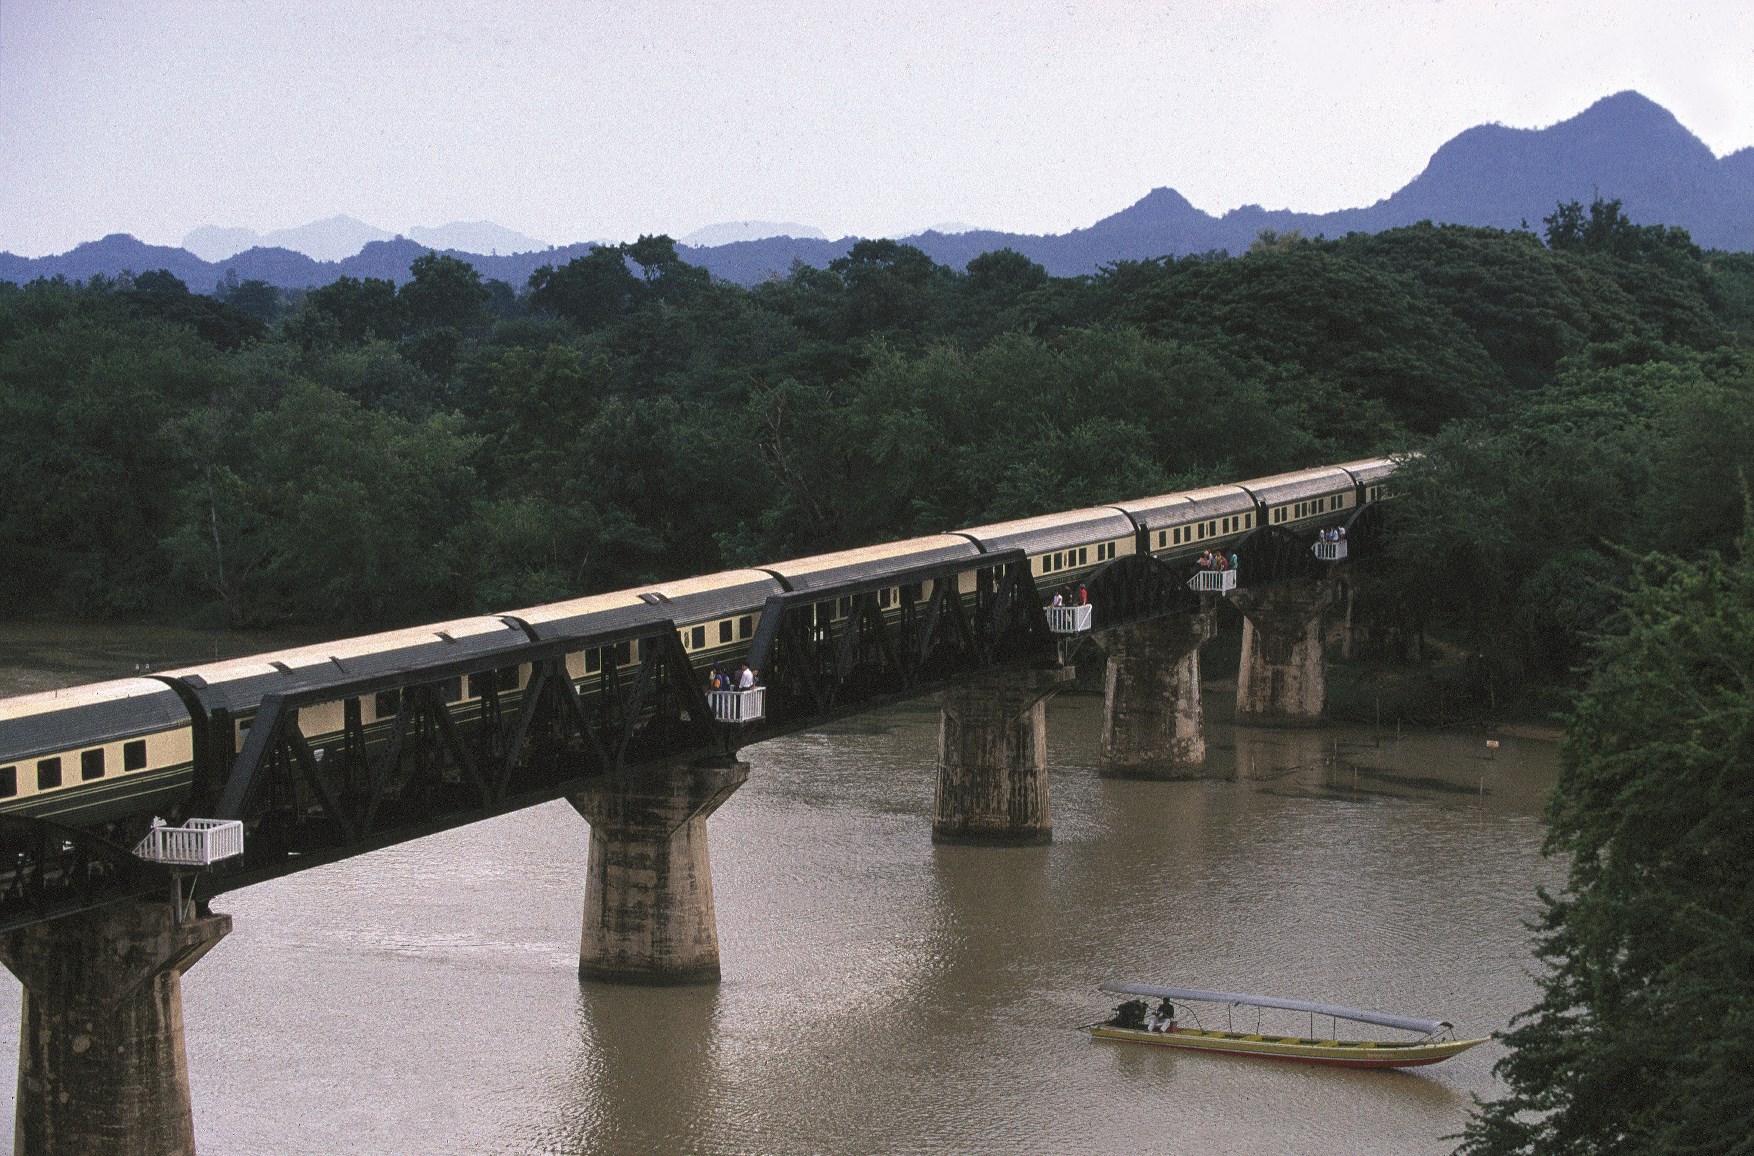 Eastern Oriental Express train